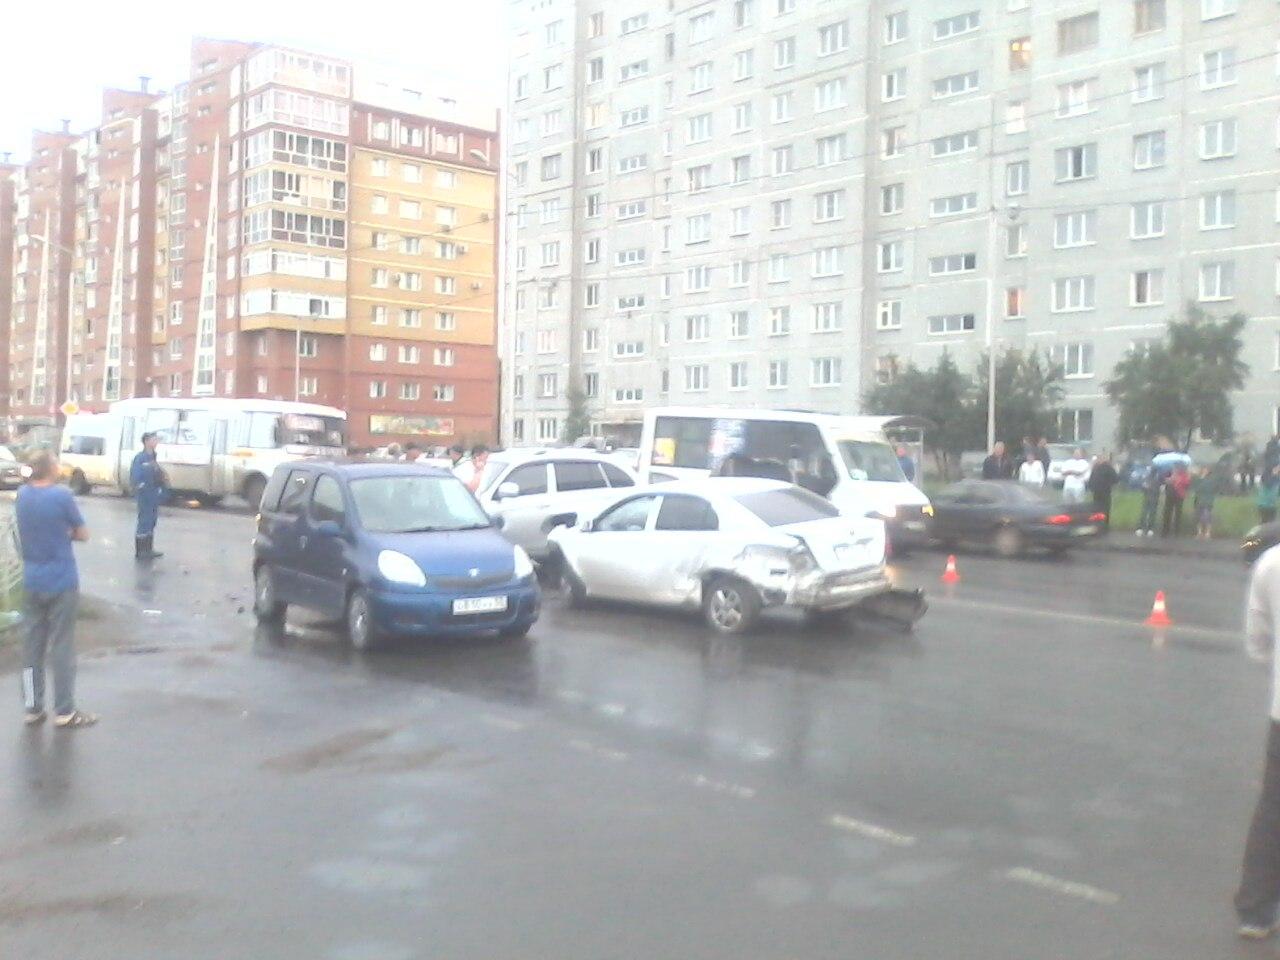 ВОмске «Лада» вылетела навстречку истолкнулась стремя авто